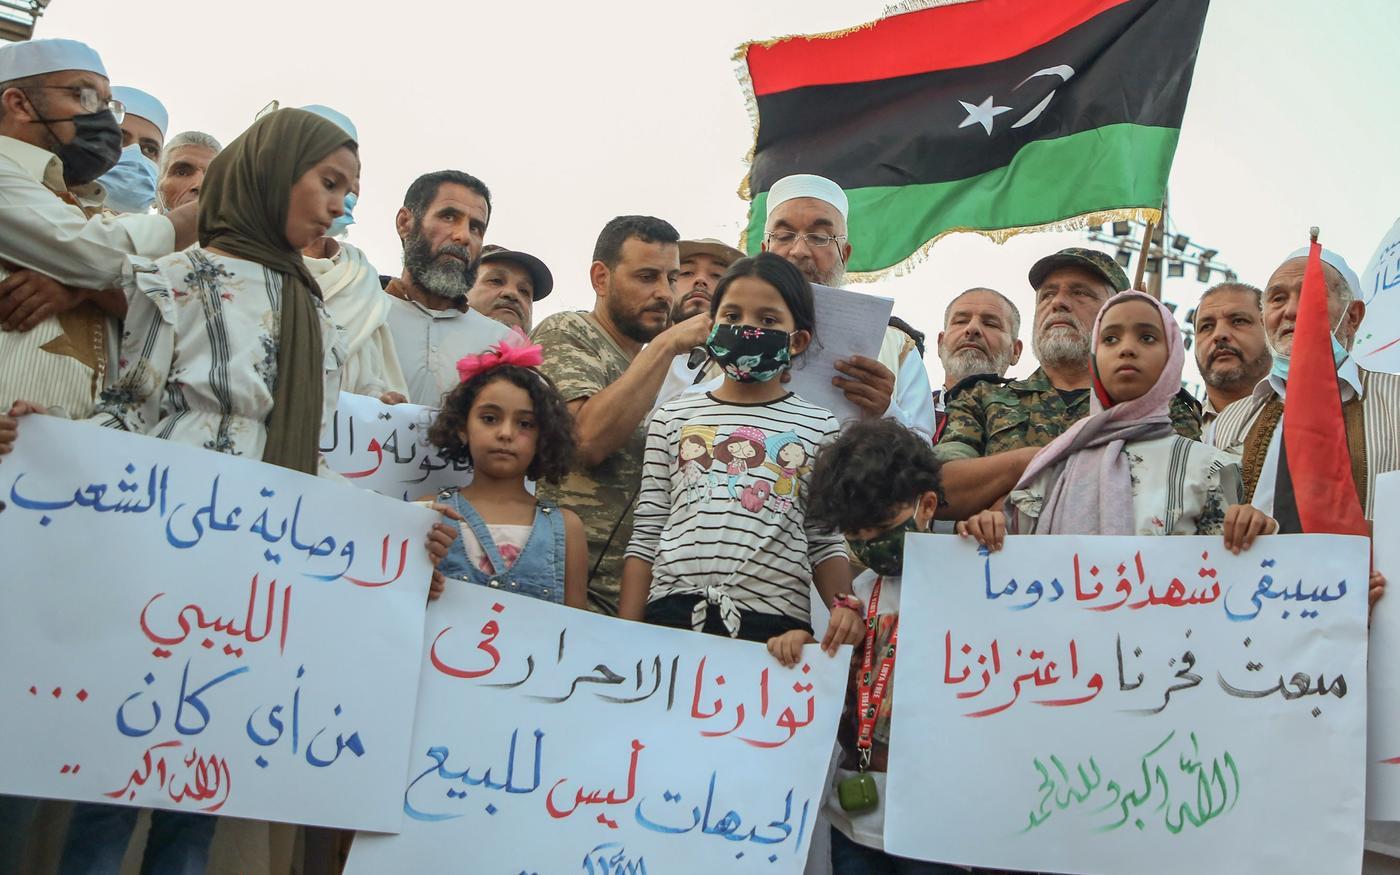 Des manifestants libyens brandissent des pancartes et des drapeaux libyens lors d'un rassemblement sur la place des Martyrs de Tripoli pour protester contre la détérioration de la situation politique et sécuritaire et des conditions de vie, le 2octobre (AFP)